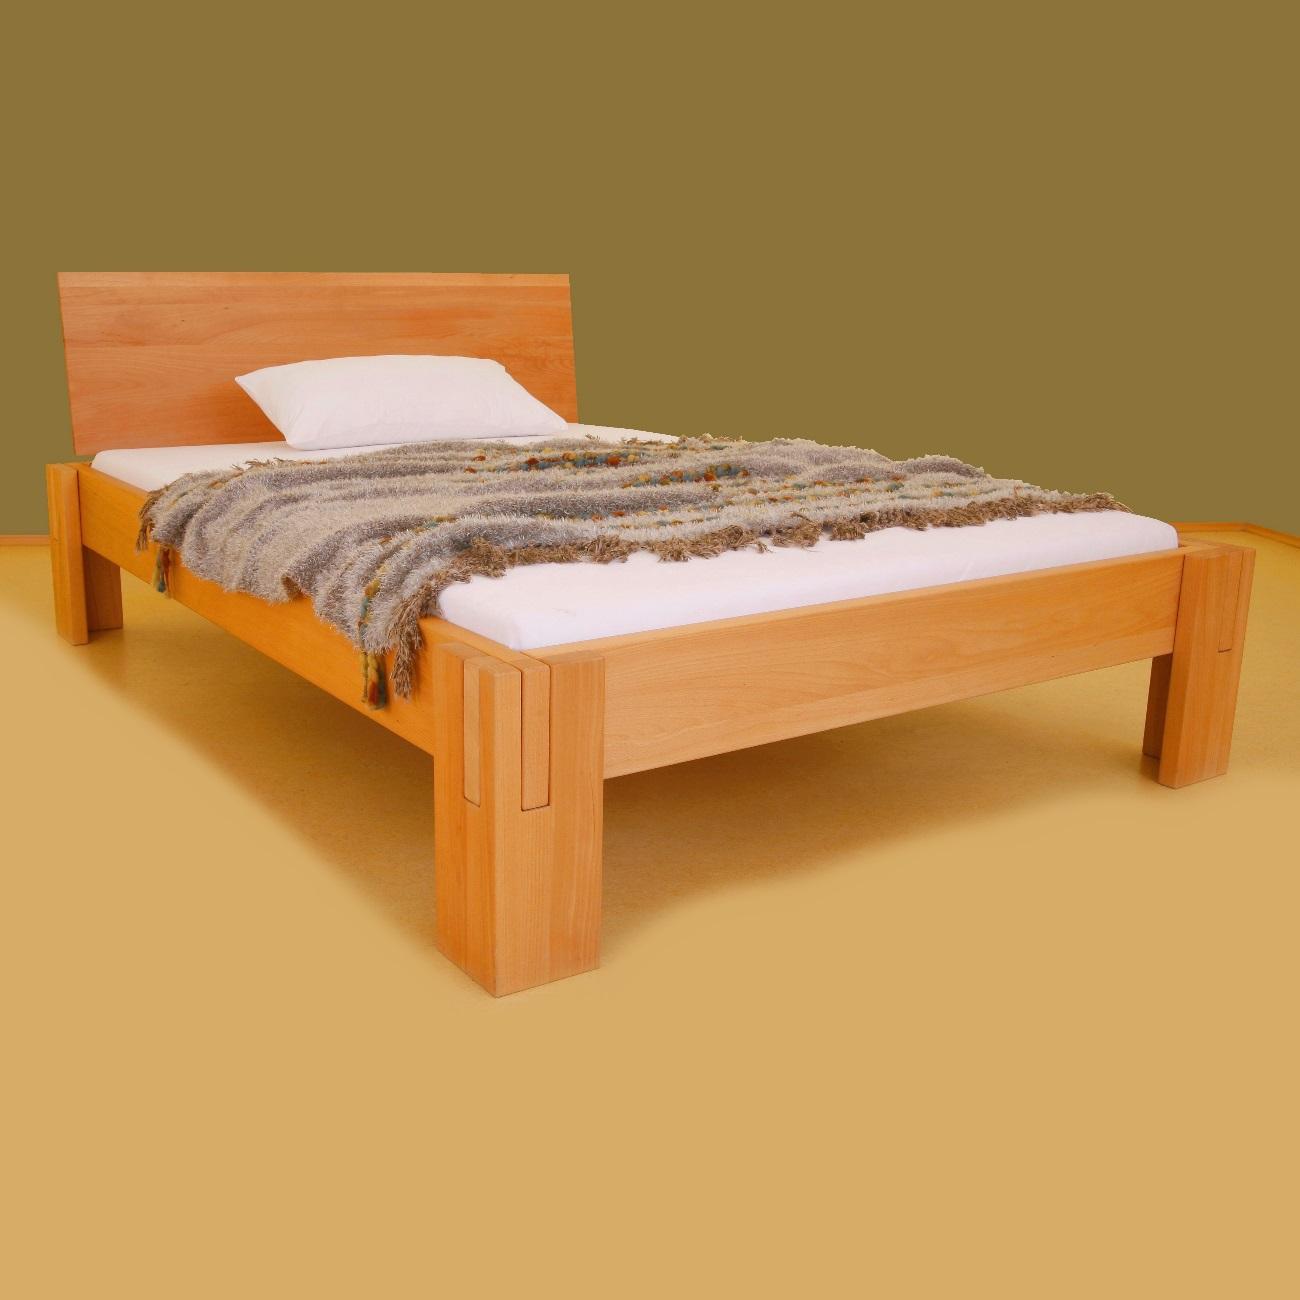 stabiles massives bett f r bergewichtige und sehr gro e personen online sanit tshaus. Black Bedroom Furniture Sets. Home Design Ideas